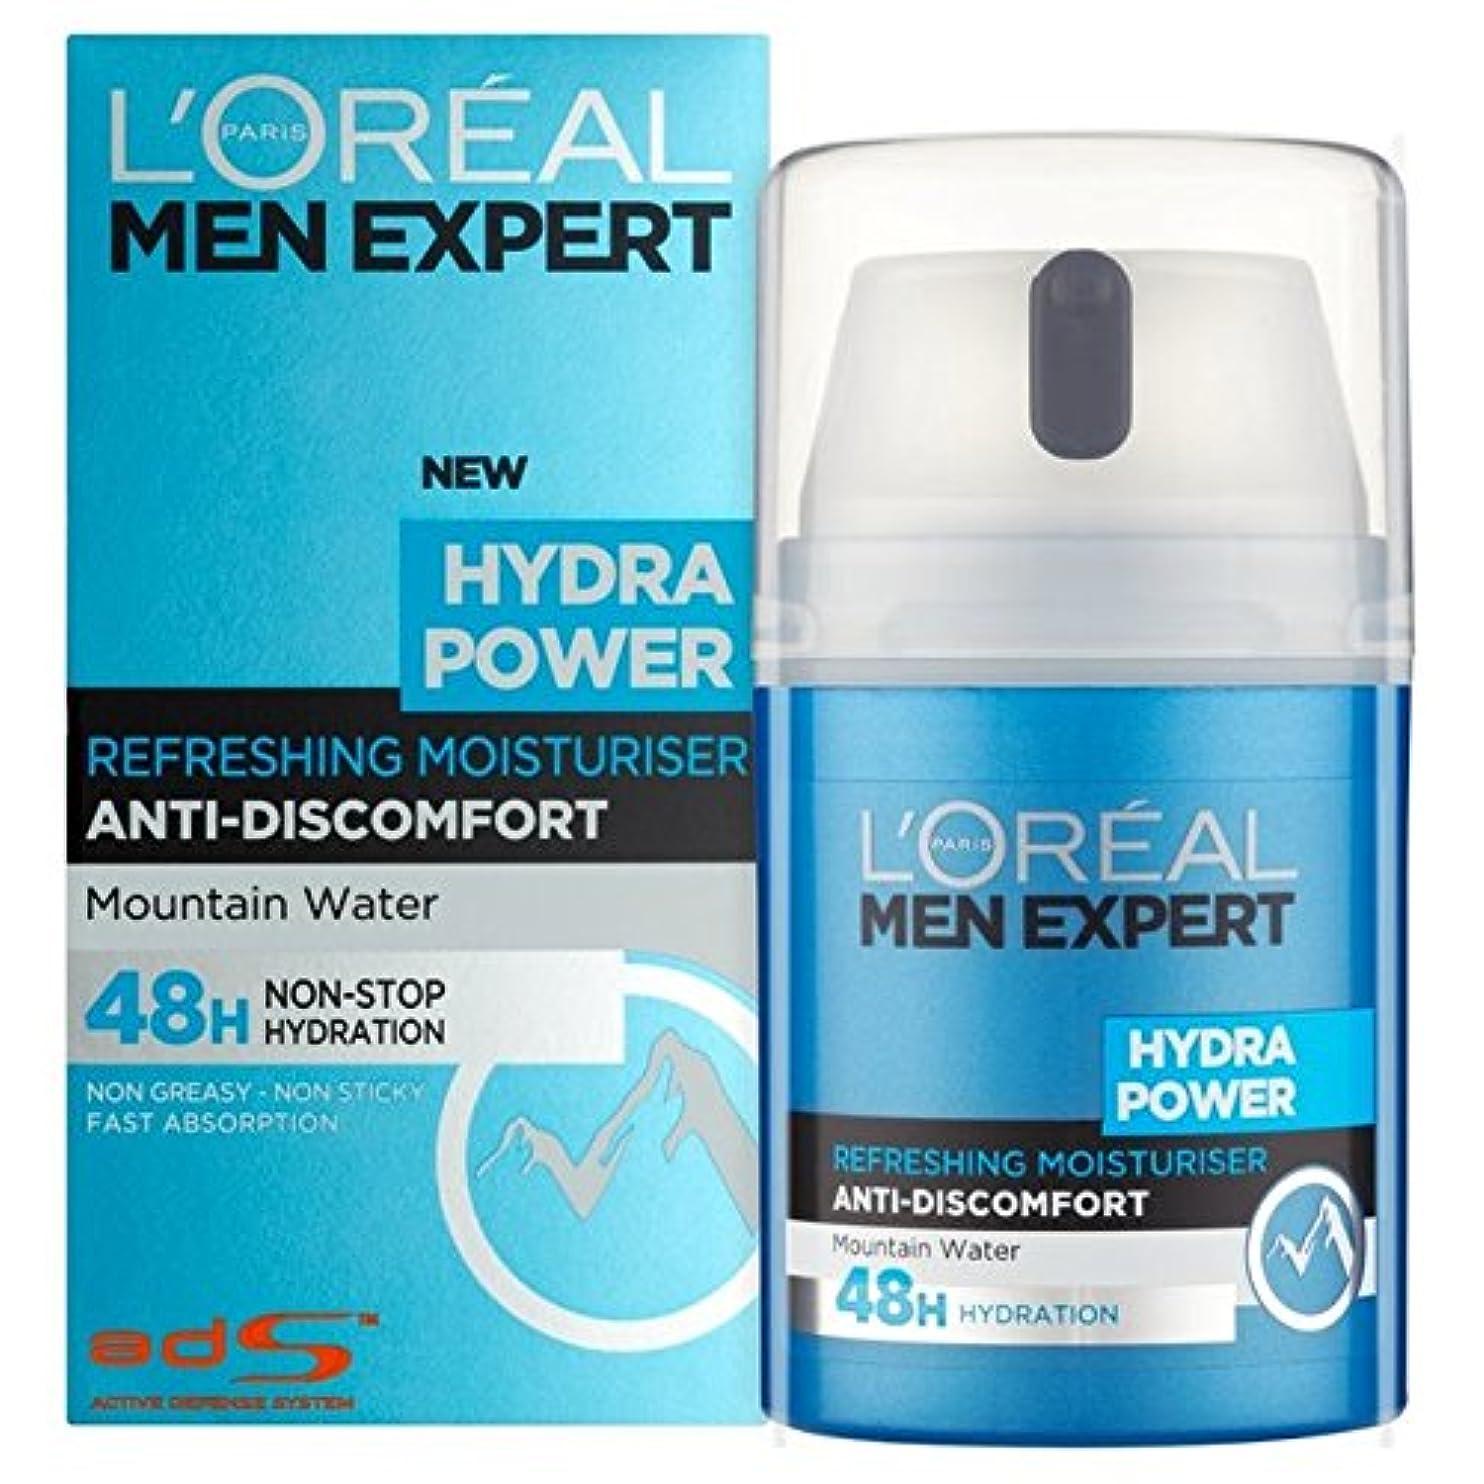 ボタン遠近法協定ロレアルパリのメンズ専門ヒドラ電源爽やか保湿50ミリリットル x4 - L'Oreal Paris Men Expert Hydra Power Refreshing Moisturiser 50ml (Pack of...